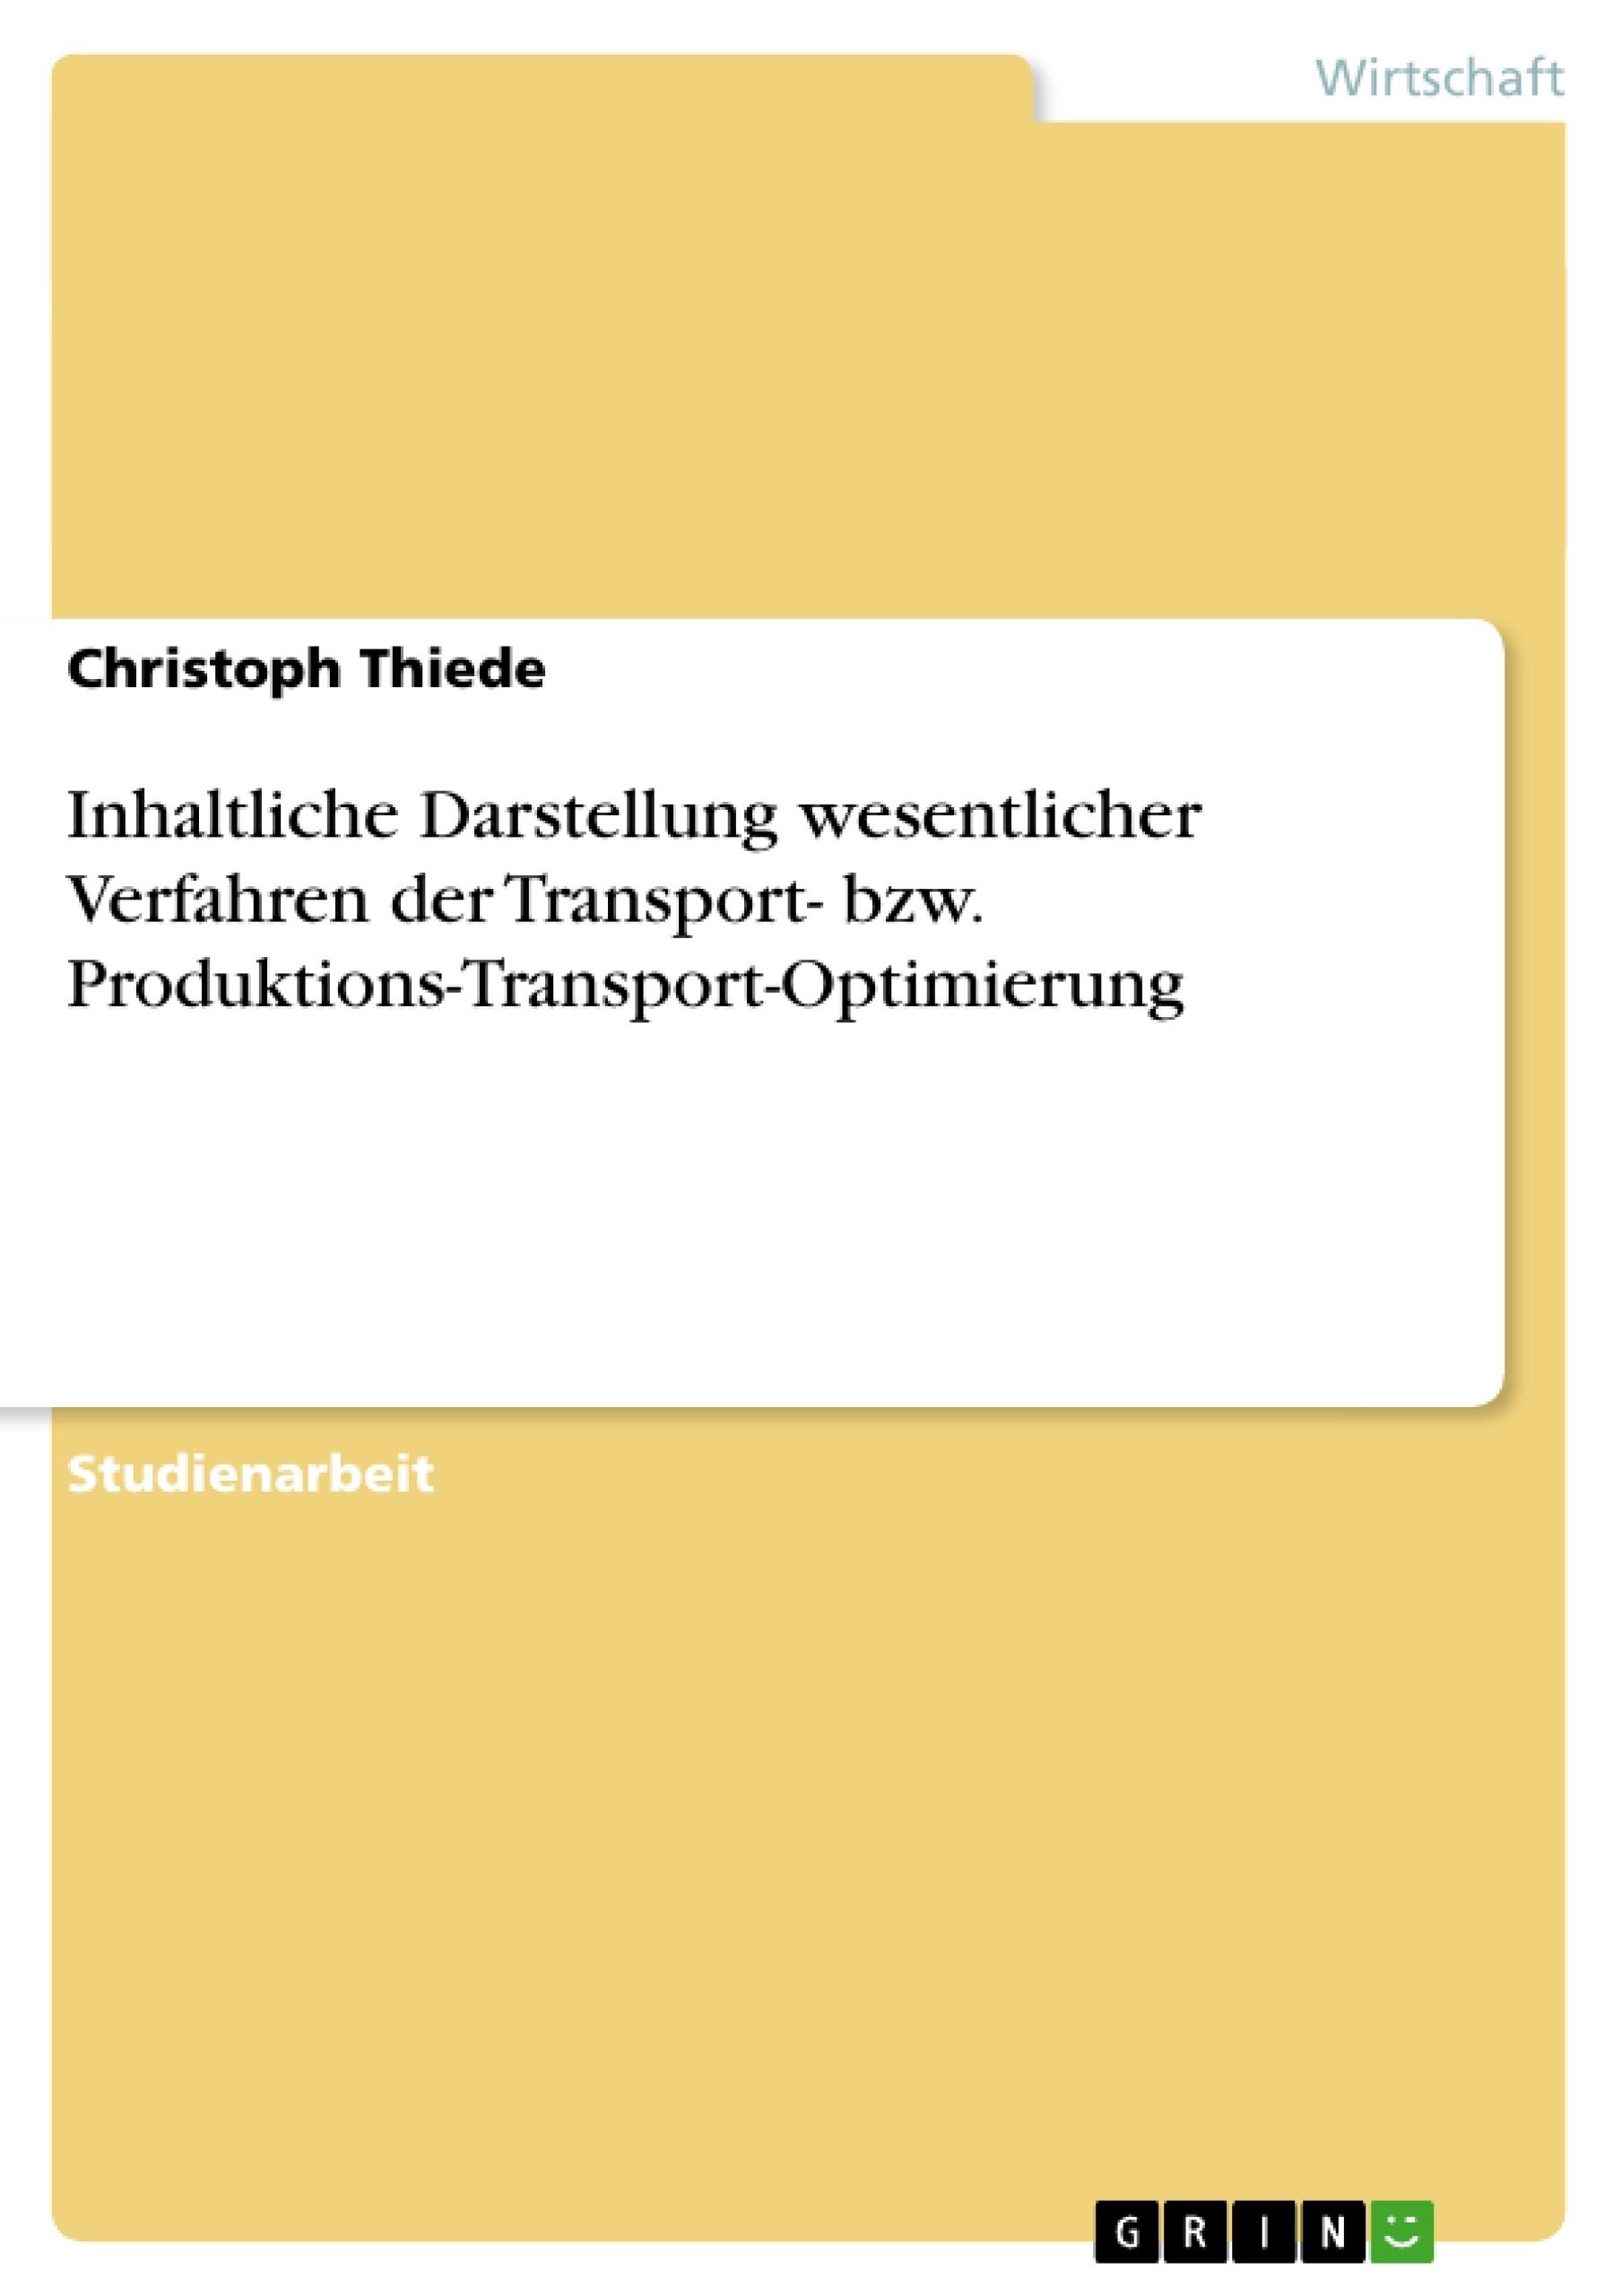 Titel: Inhaltliche Darstellung wesentlicher Verfahren der Transport- bzw. Produktions-Transport-Optimierung